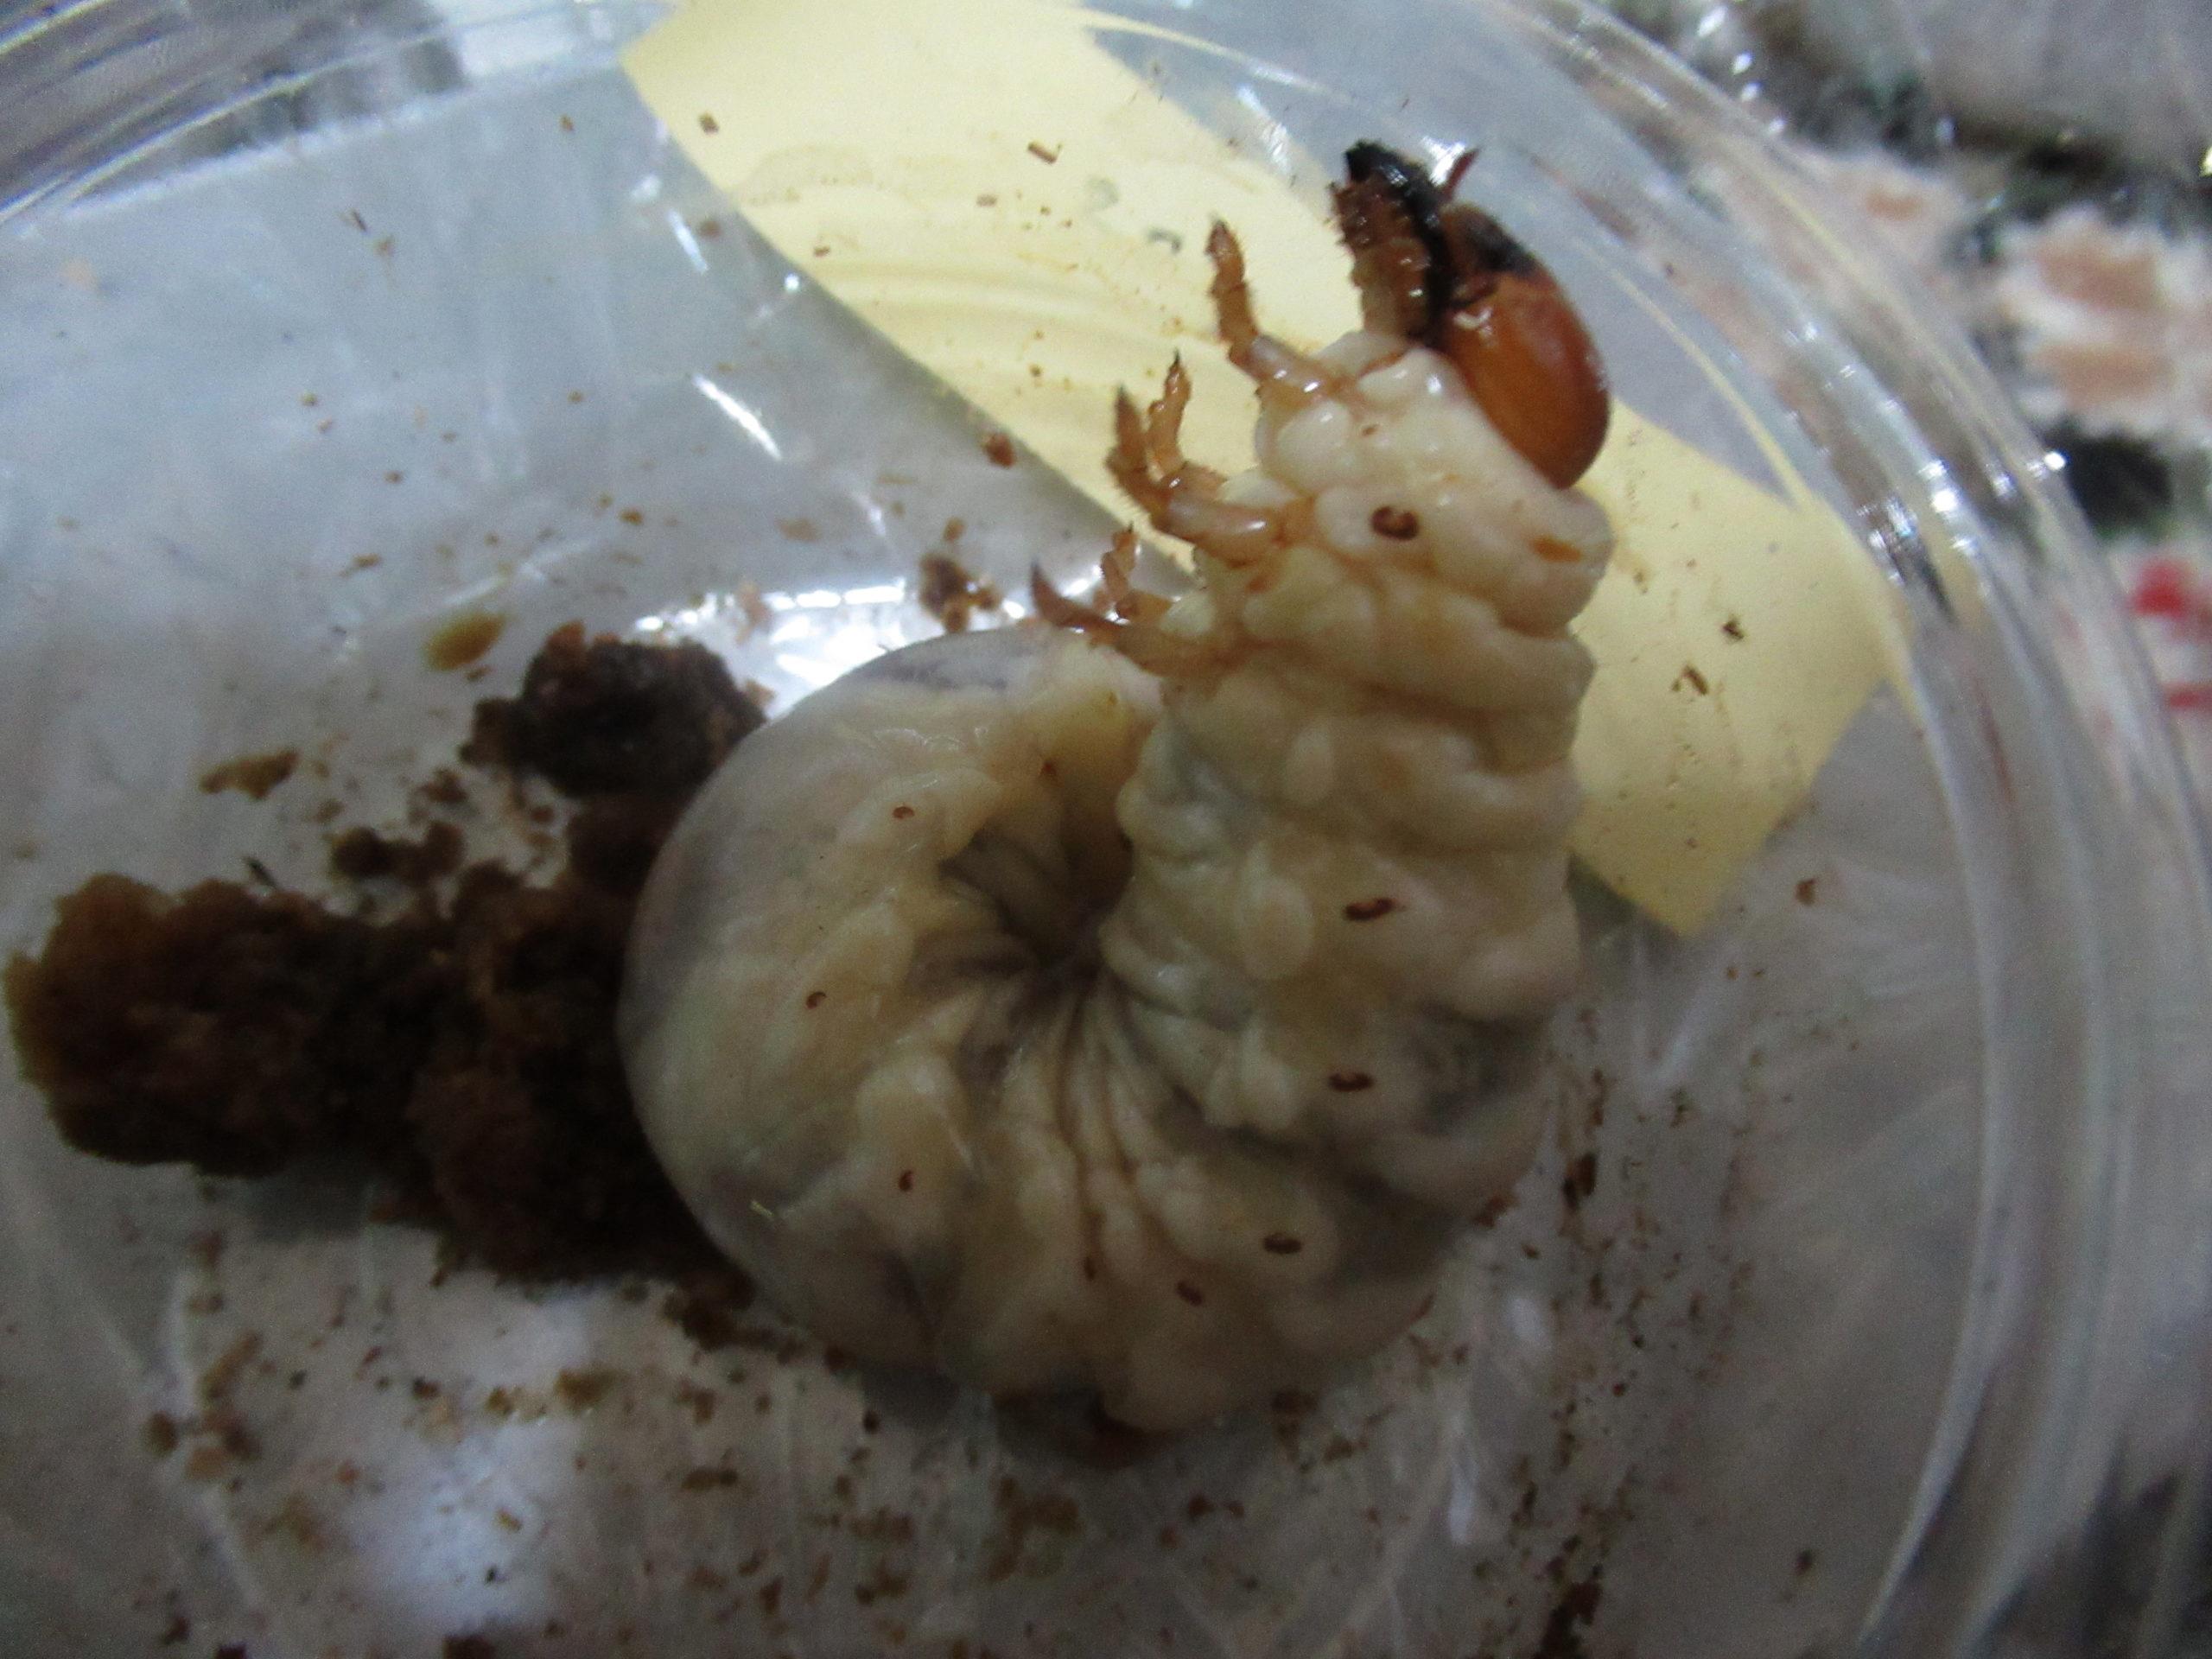 ヒラタクワガタ幼虫の菌糸ビン2本目の交換の結果